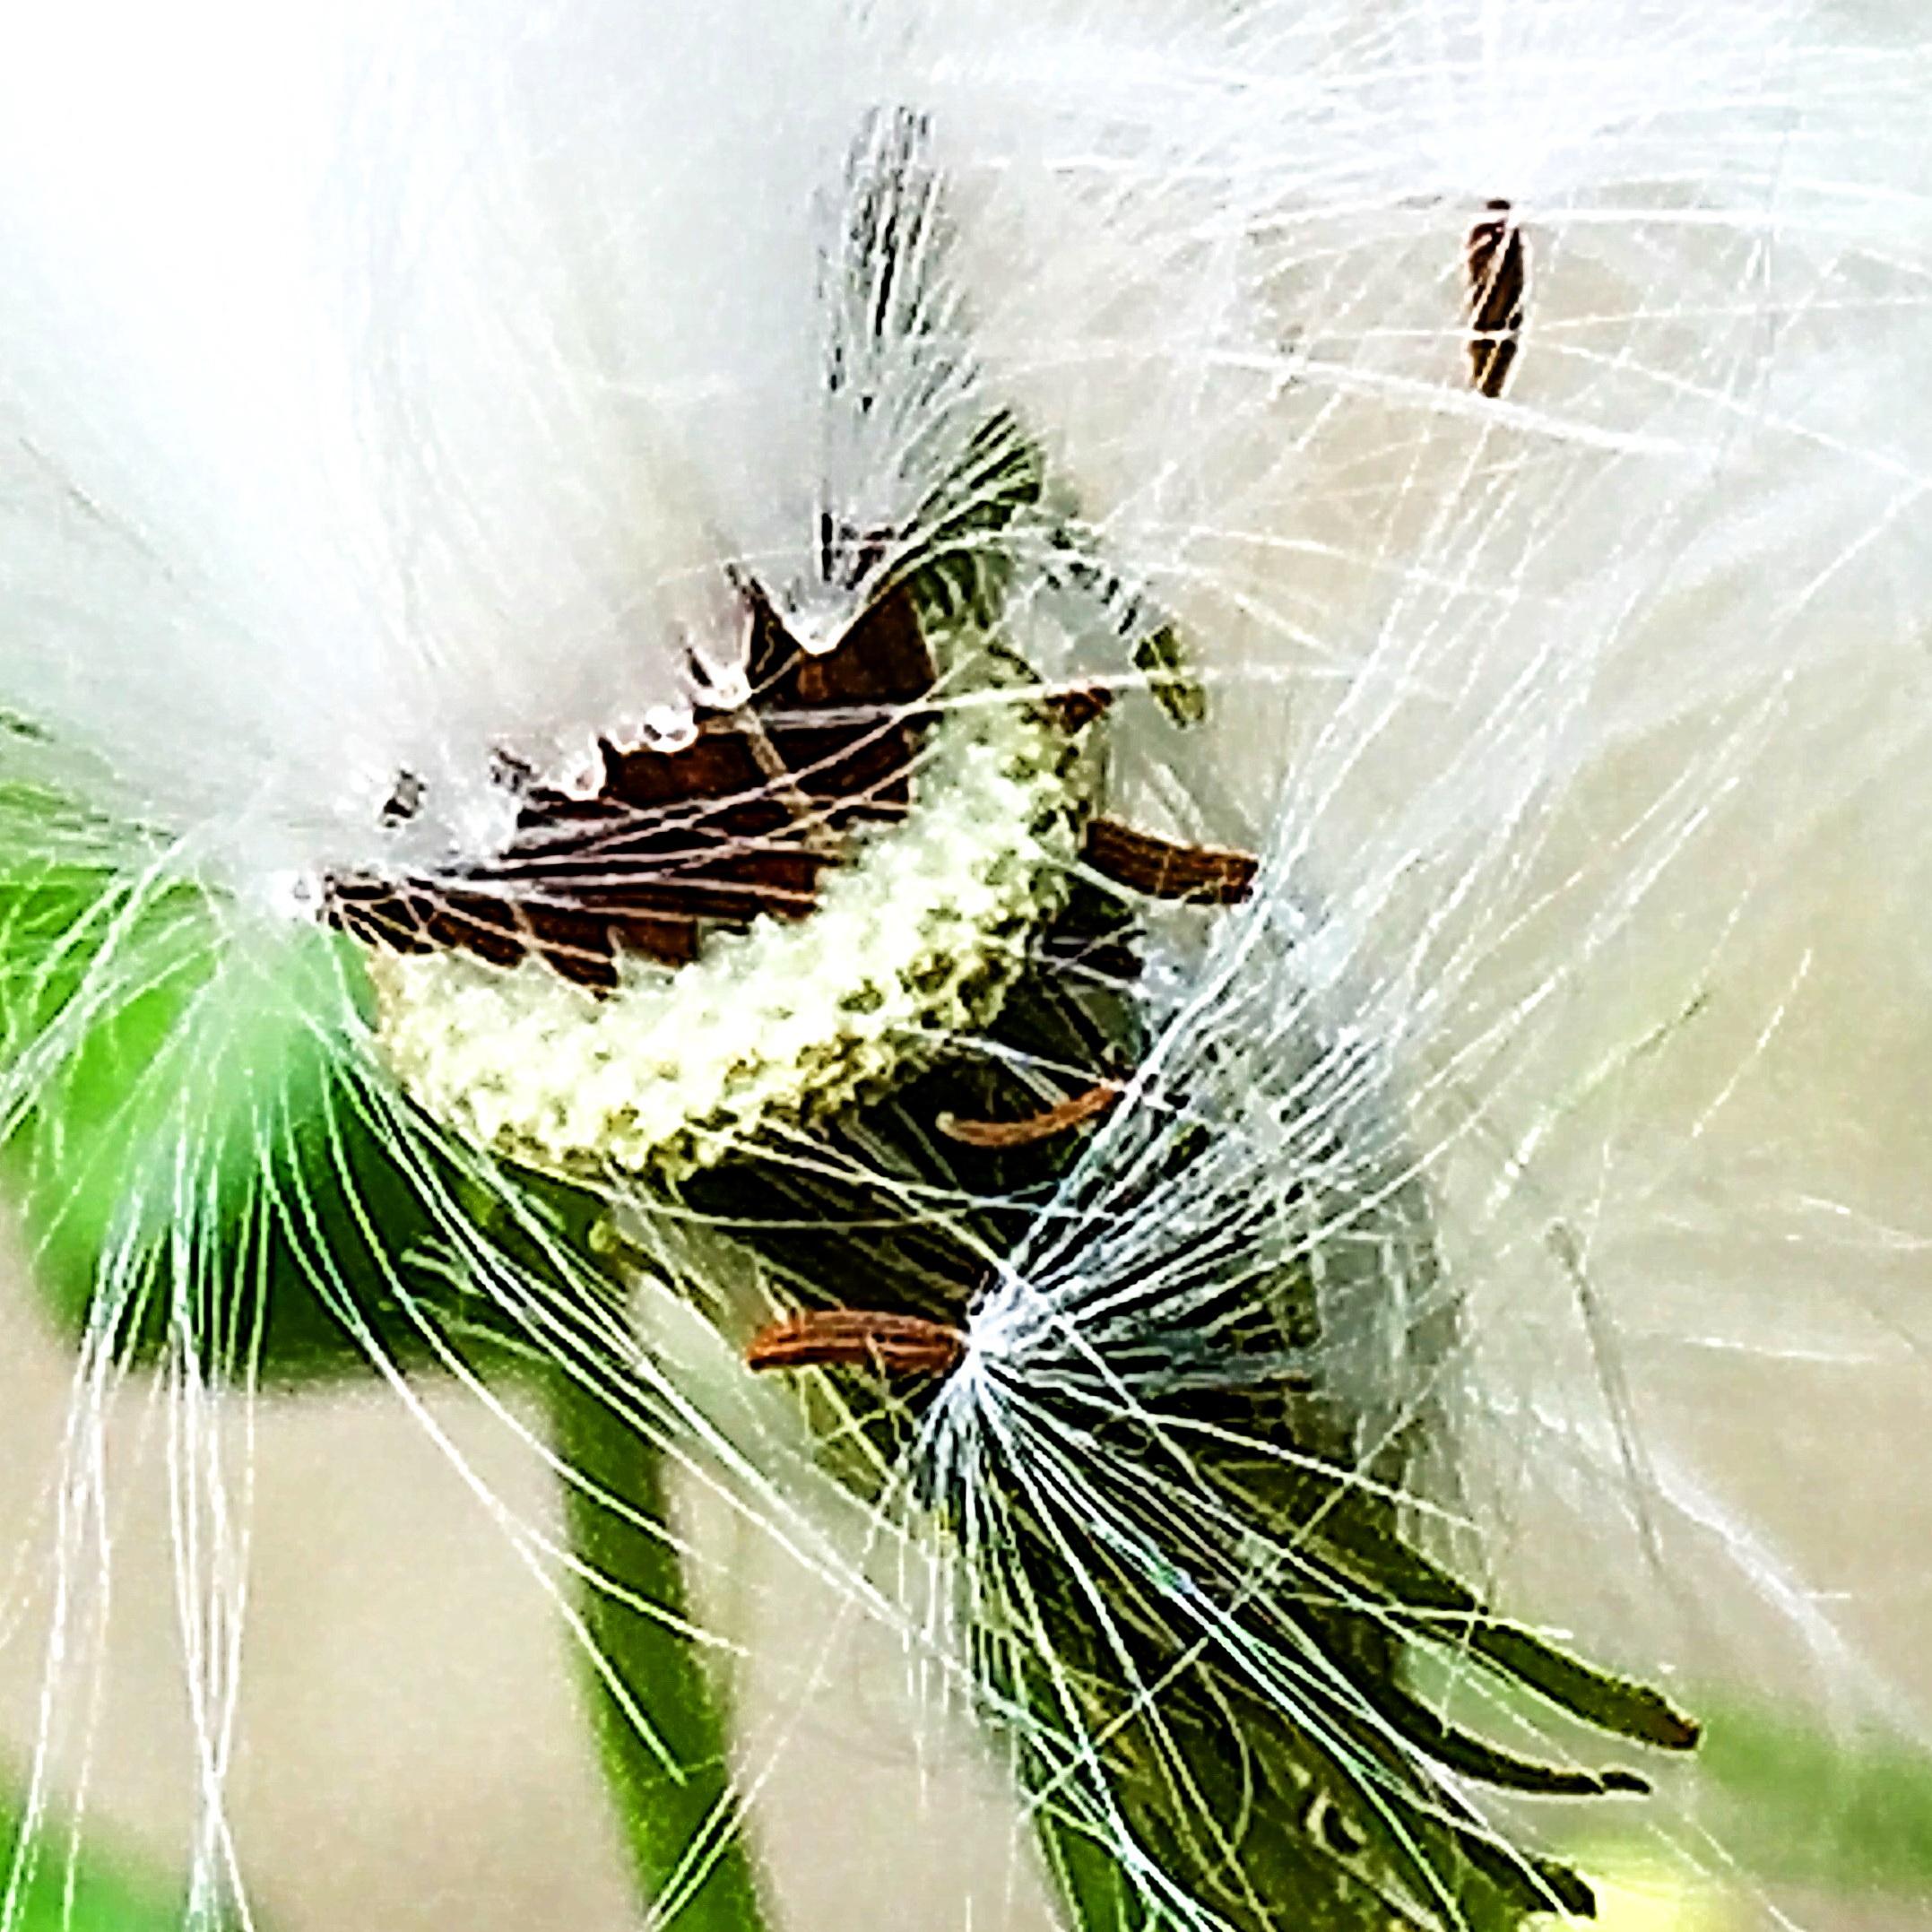 ダンドボロギク(段戸襤褸菊)